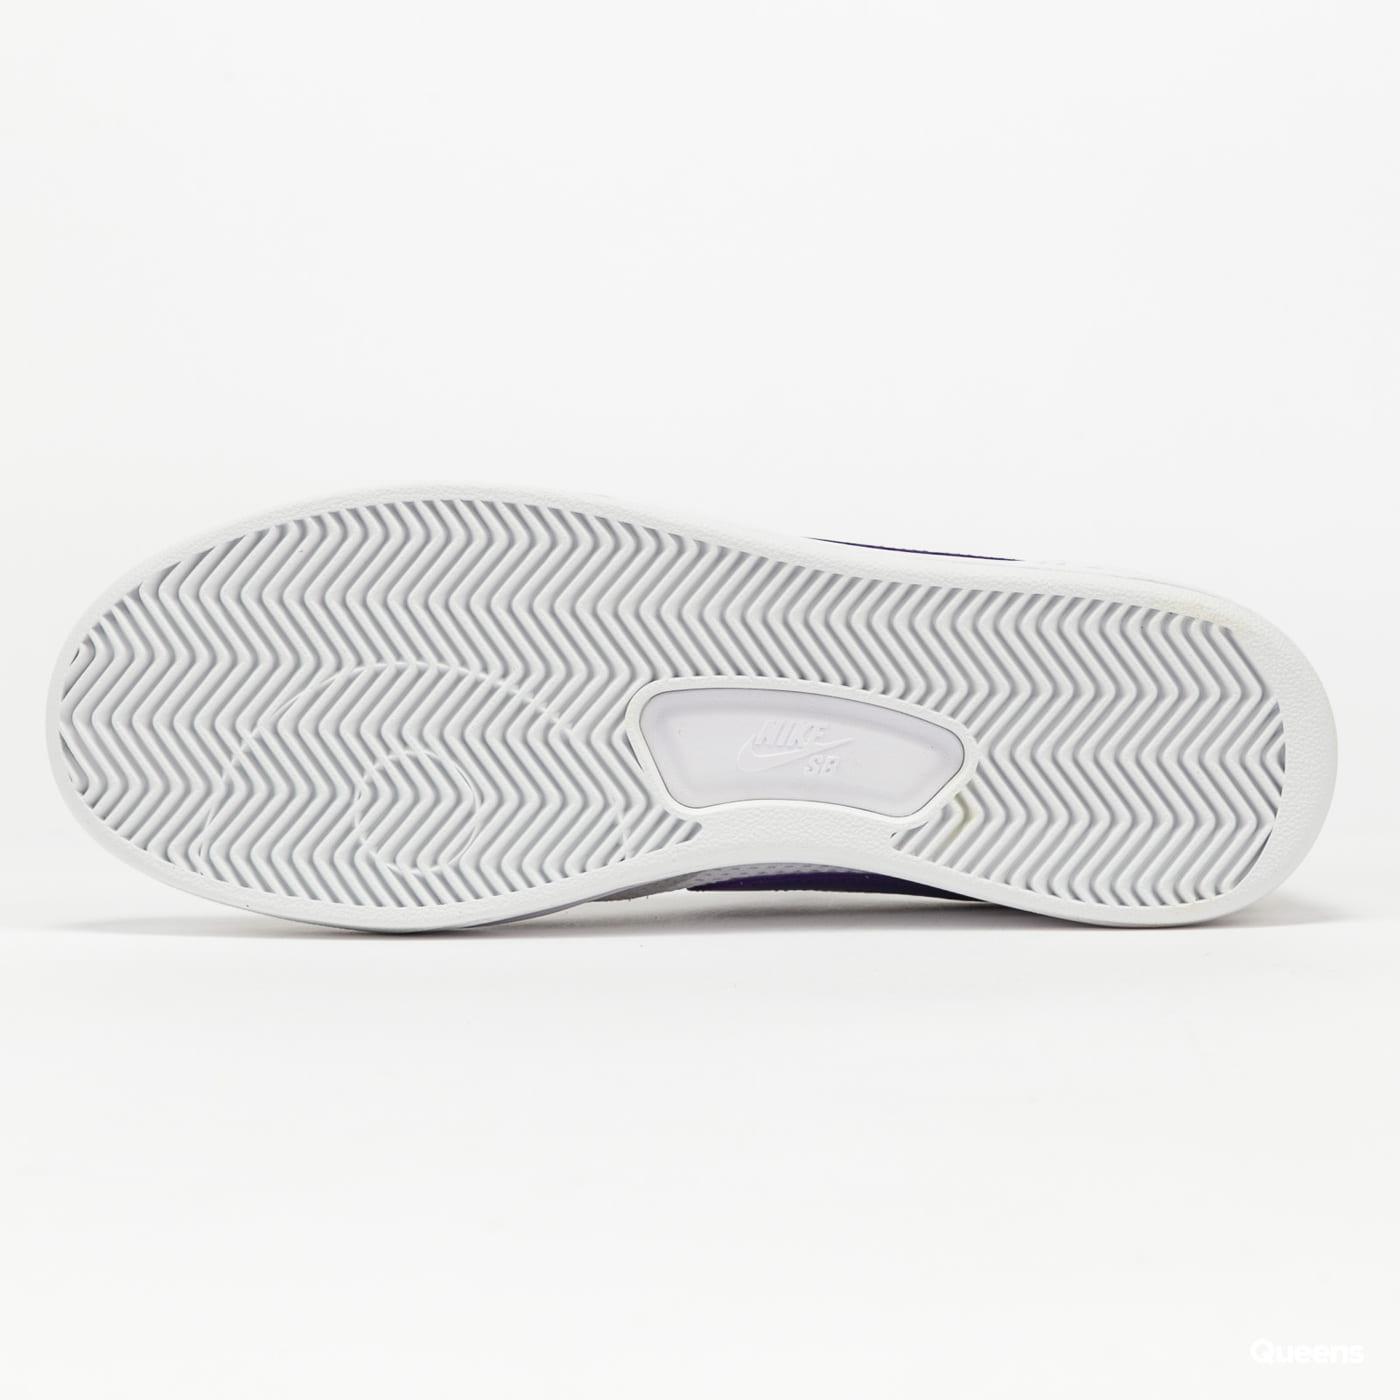 Nike SB Adversary grey fog / court purple - grey fog